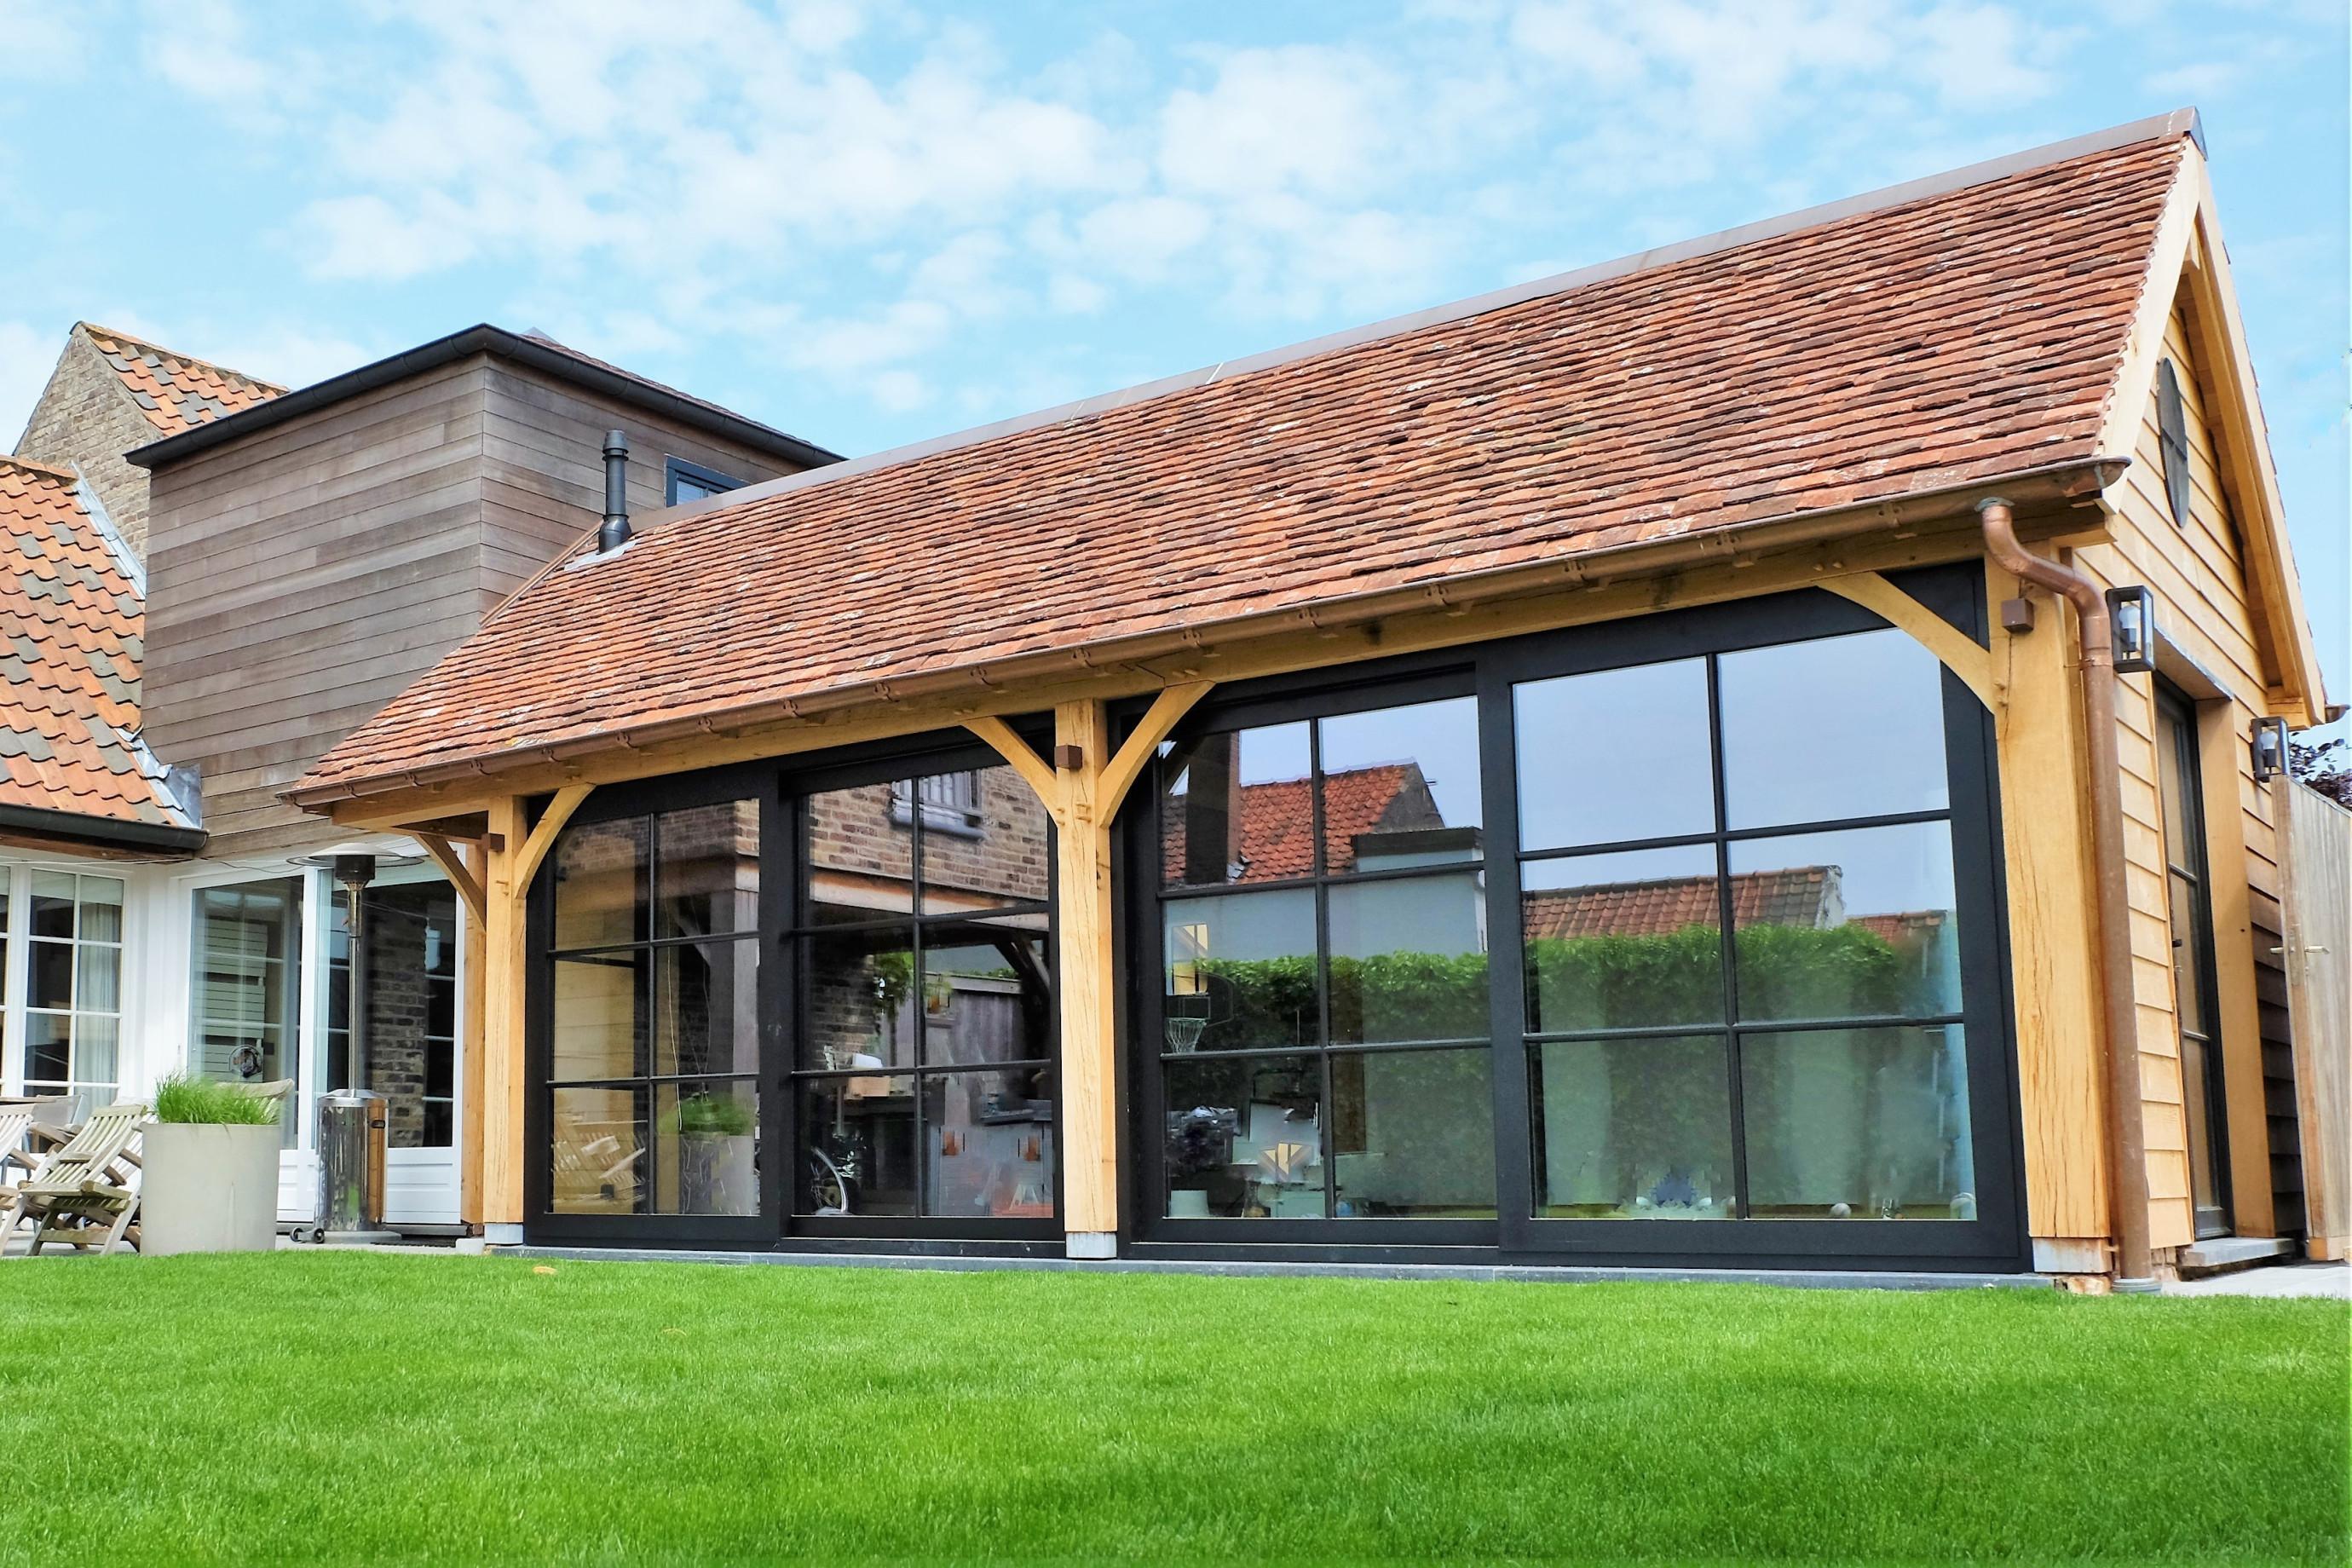 Dit prachtige eiken bijgebouw in cottage stijl werden deskundig gerealiseerd door Vanhauwood. Voor de opbouw van de eiken aanbouw werd gebruik gemaakt van een op maat gemaakt eiken bouwpakket vervaardigd door Cornelis Hout.